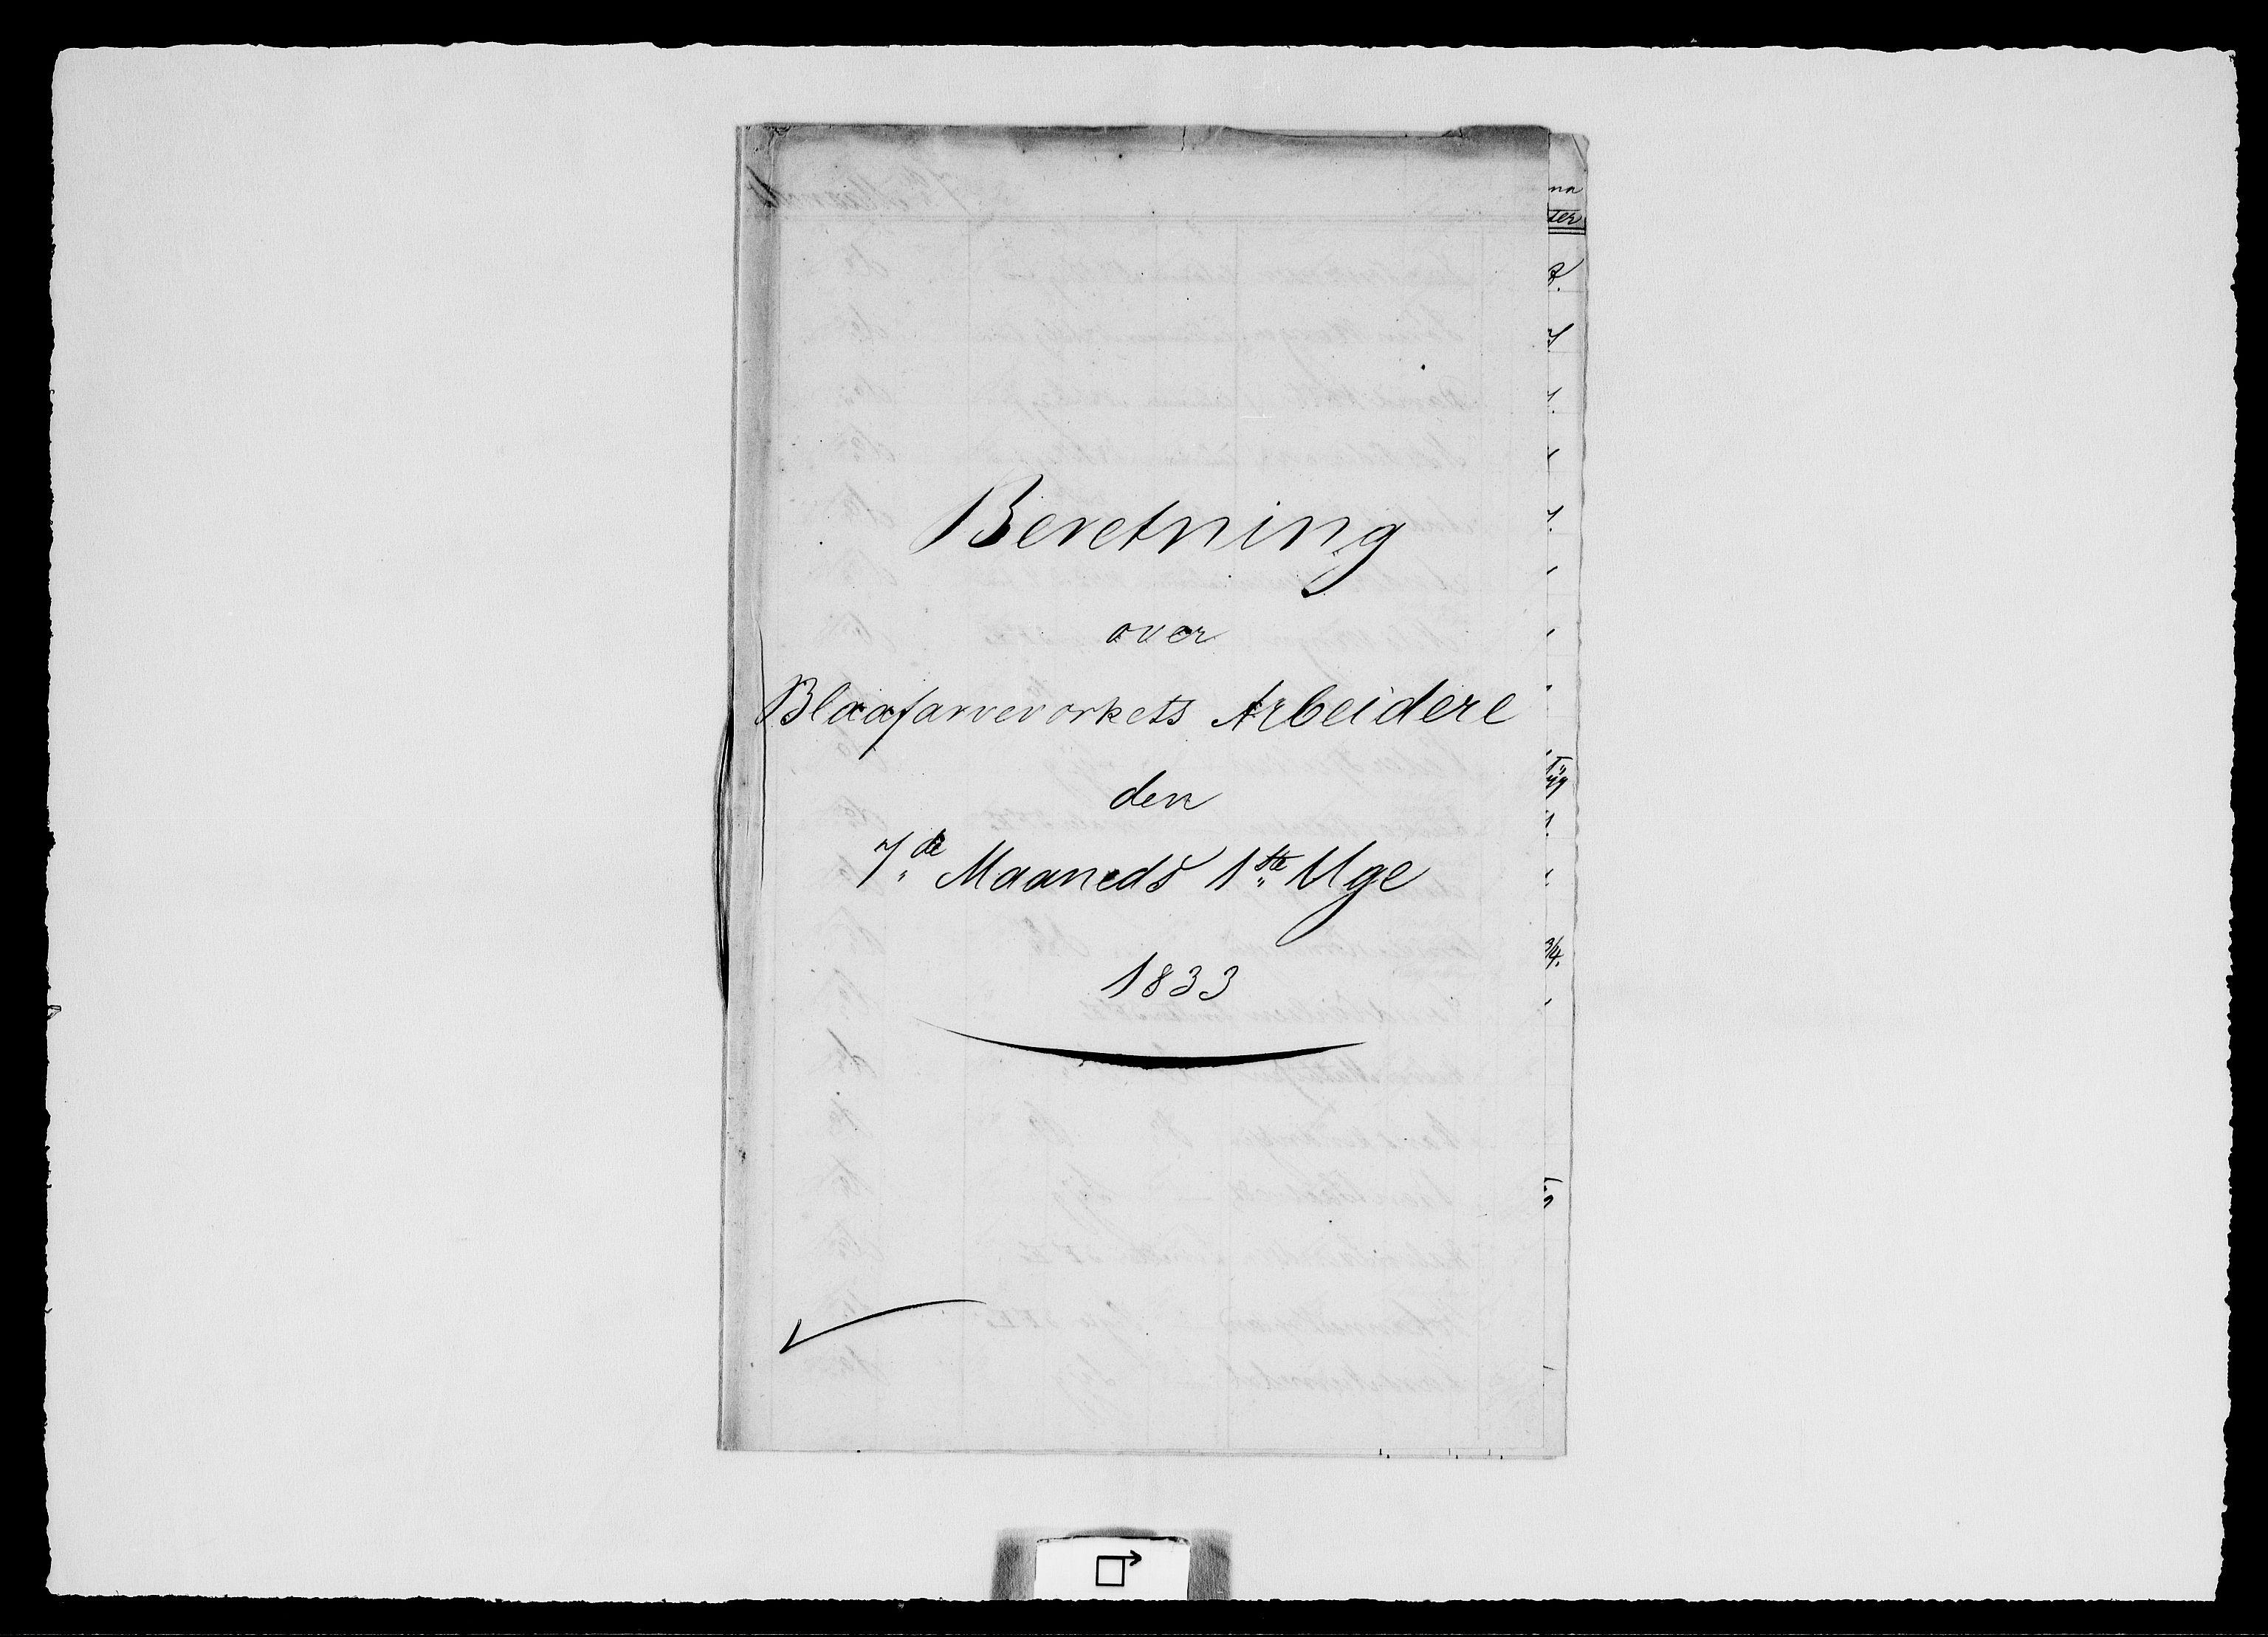 RA, Modums Blaafarveværk, G/Ge/L0322, 1833-1835, s. 2